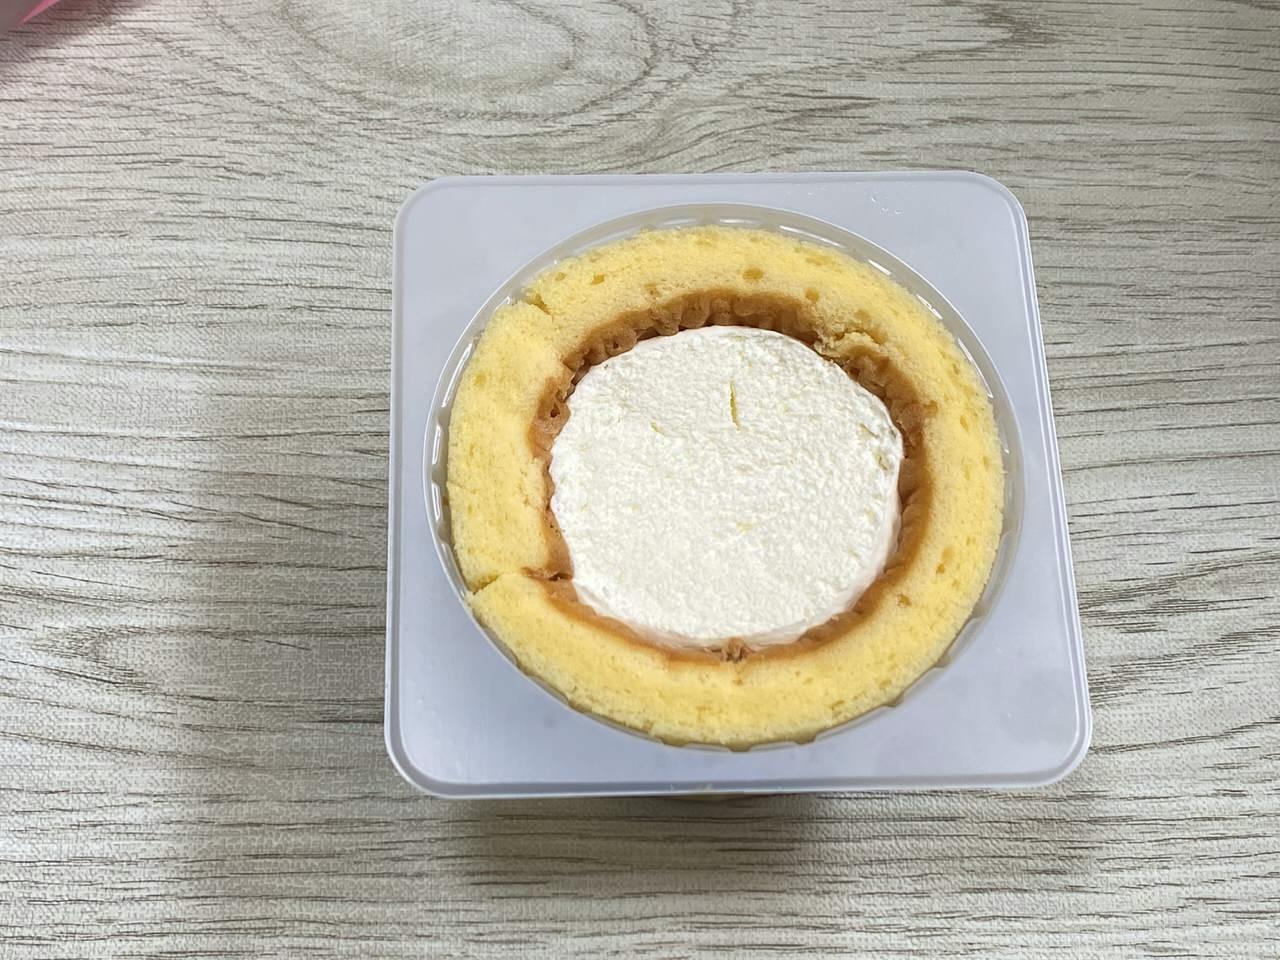 【ローソン】ロールケーキの日で毎月6日に厚みが2倍になる「プレミアムロールケーキx2」の厚みは約5cm